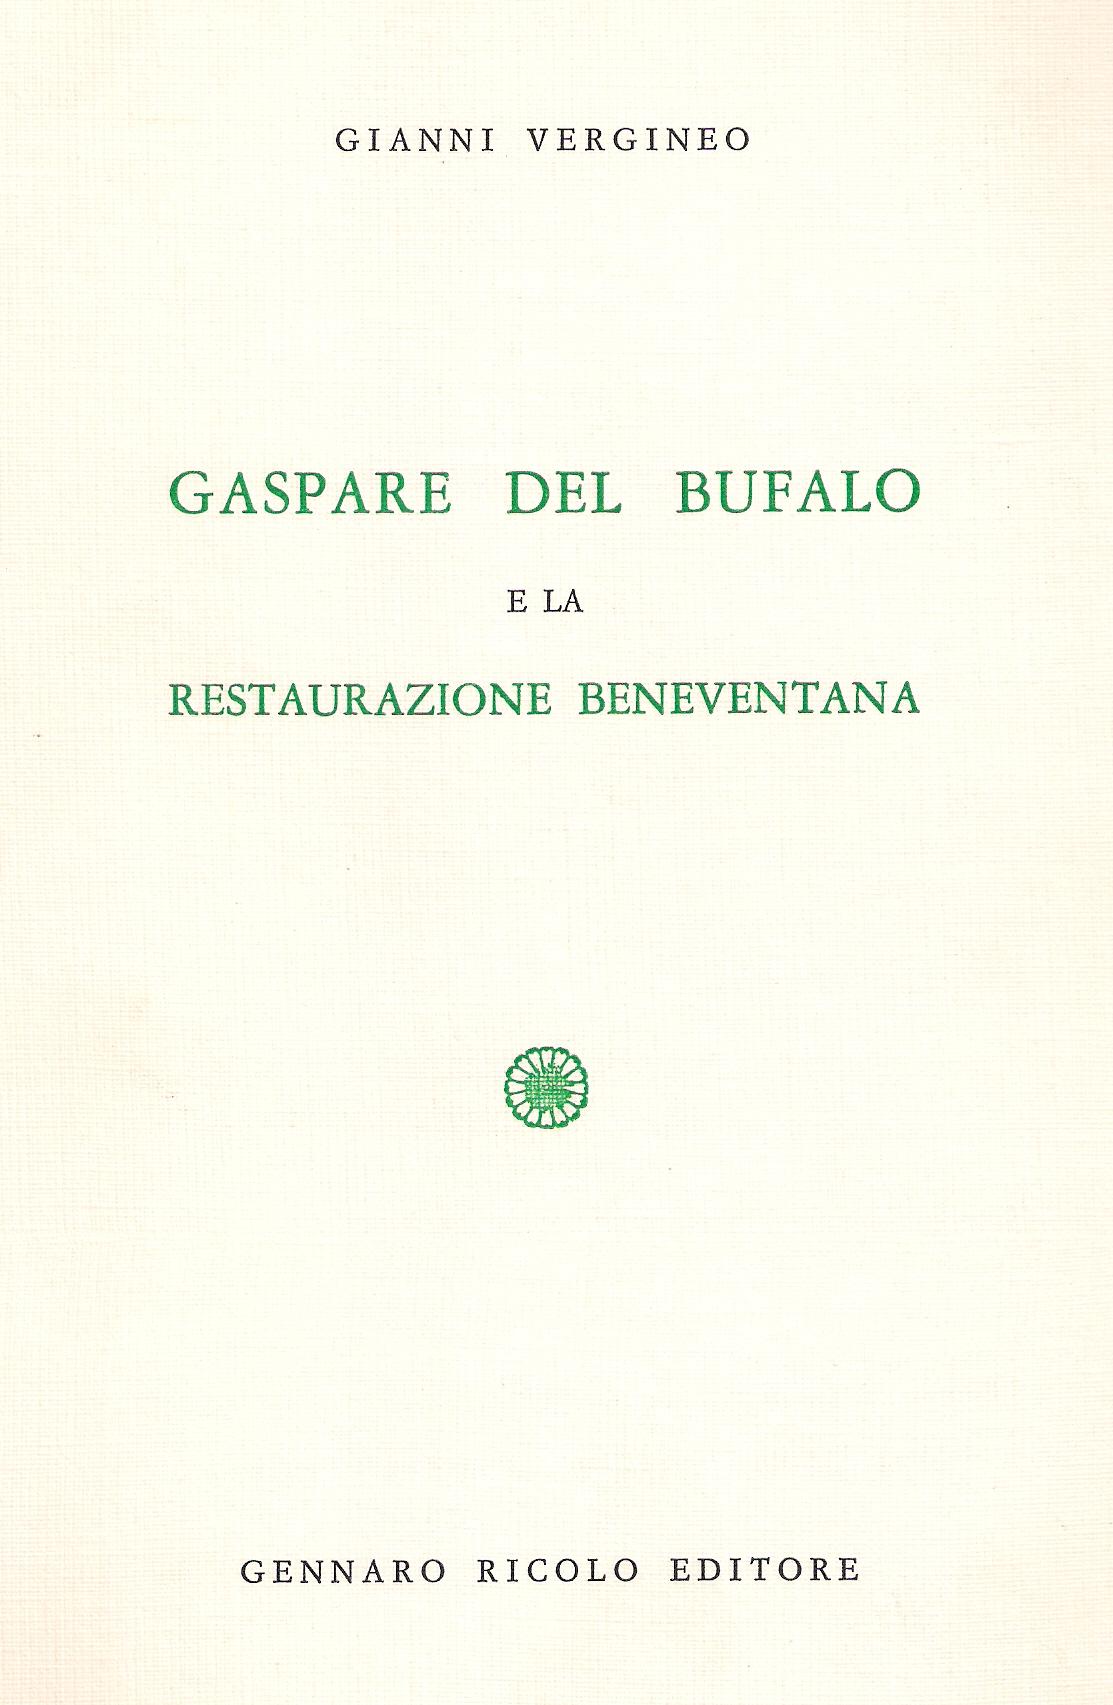 Gaspare del Bufalo e la restaurazione beneventana